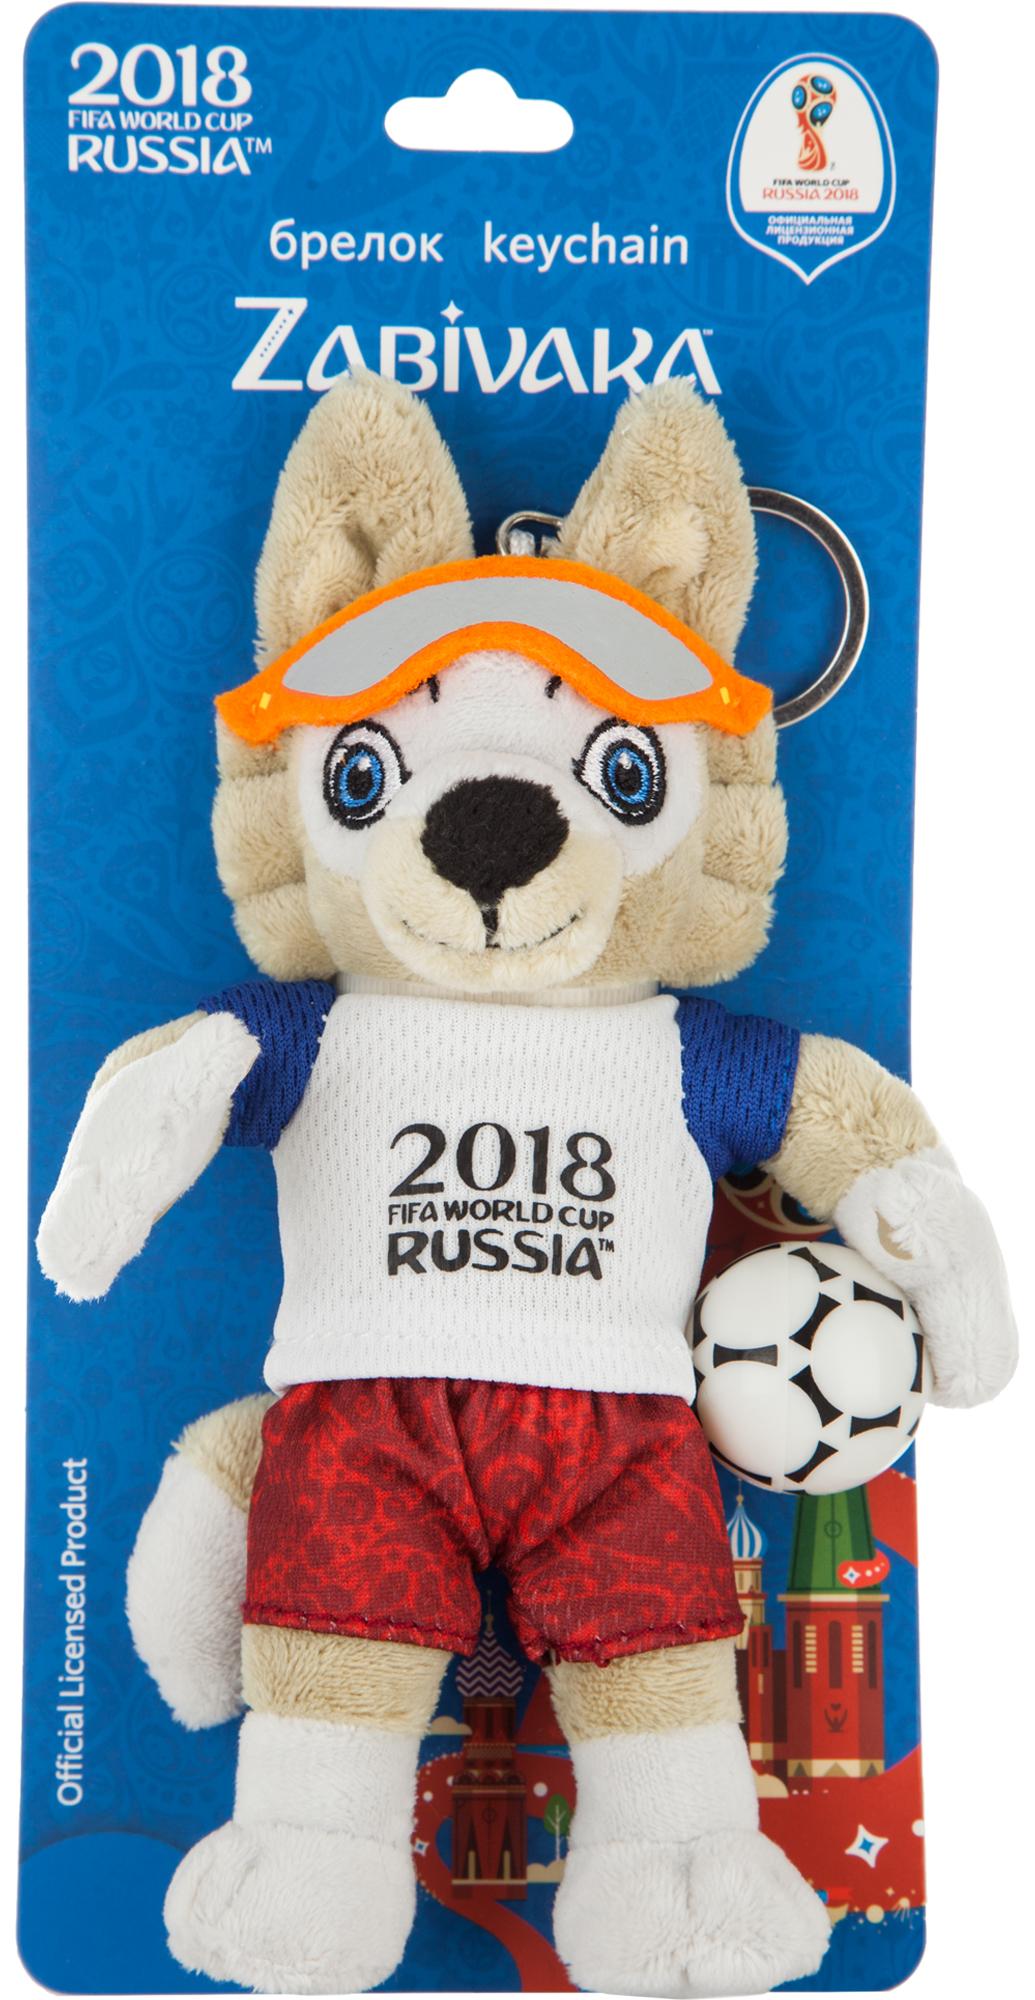 no brand Брелок Волк Забивака 2018 FIFA World Cup Russia™, 16 см наклейки детские panini наклейки panini road to 2018 fifa world cup russia tm